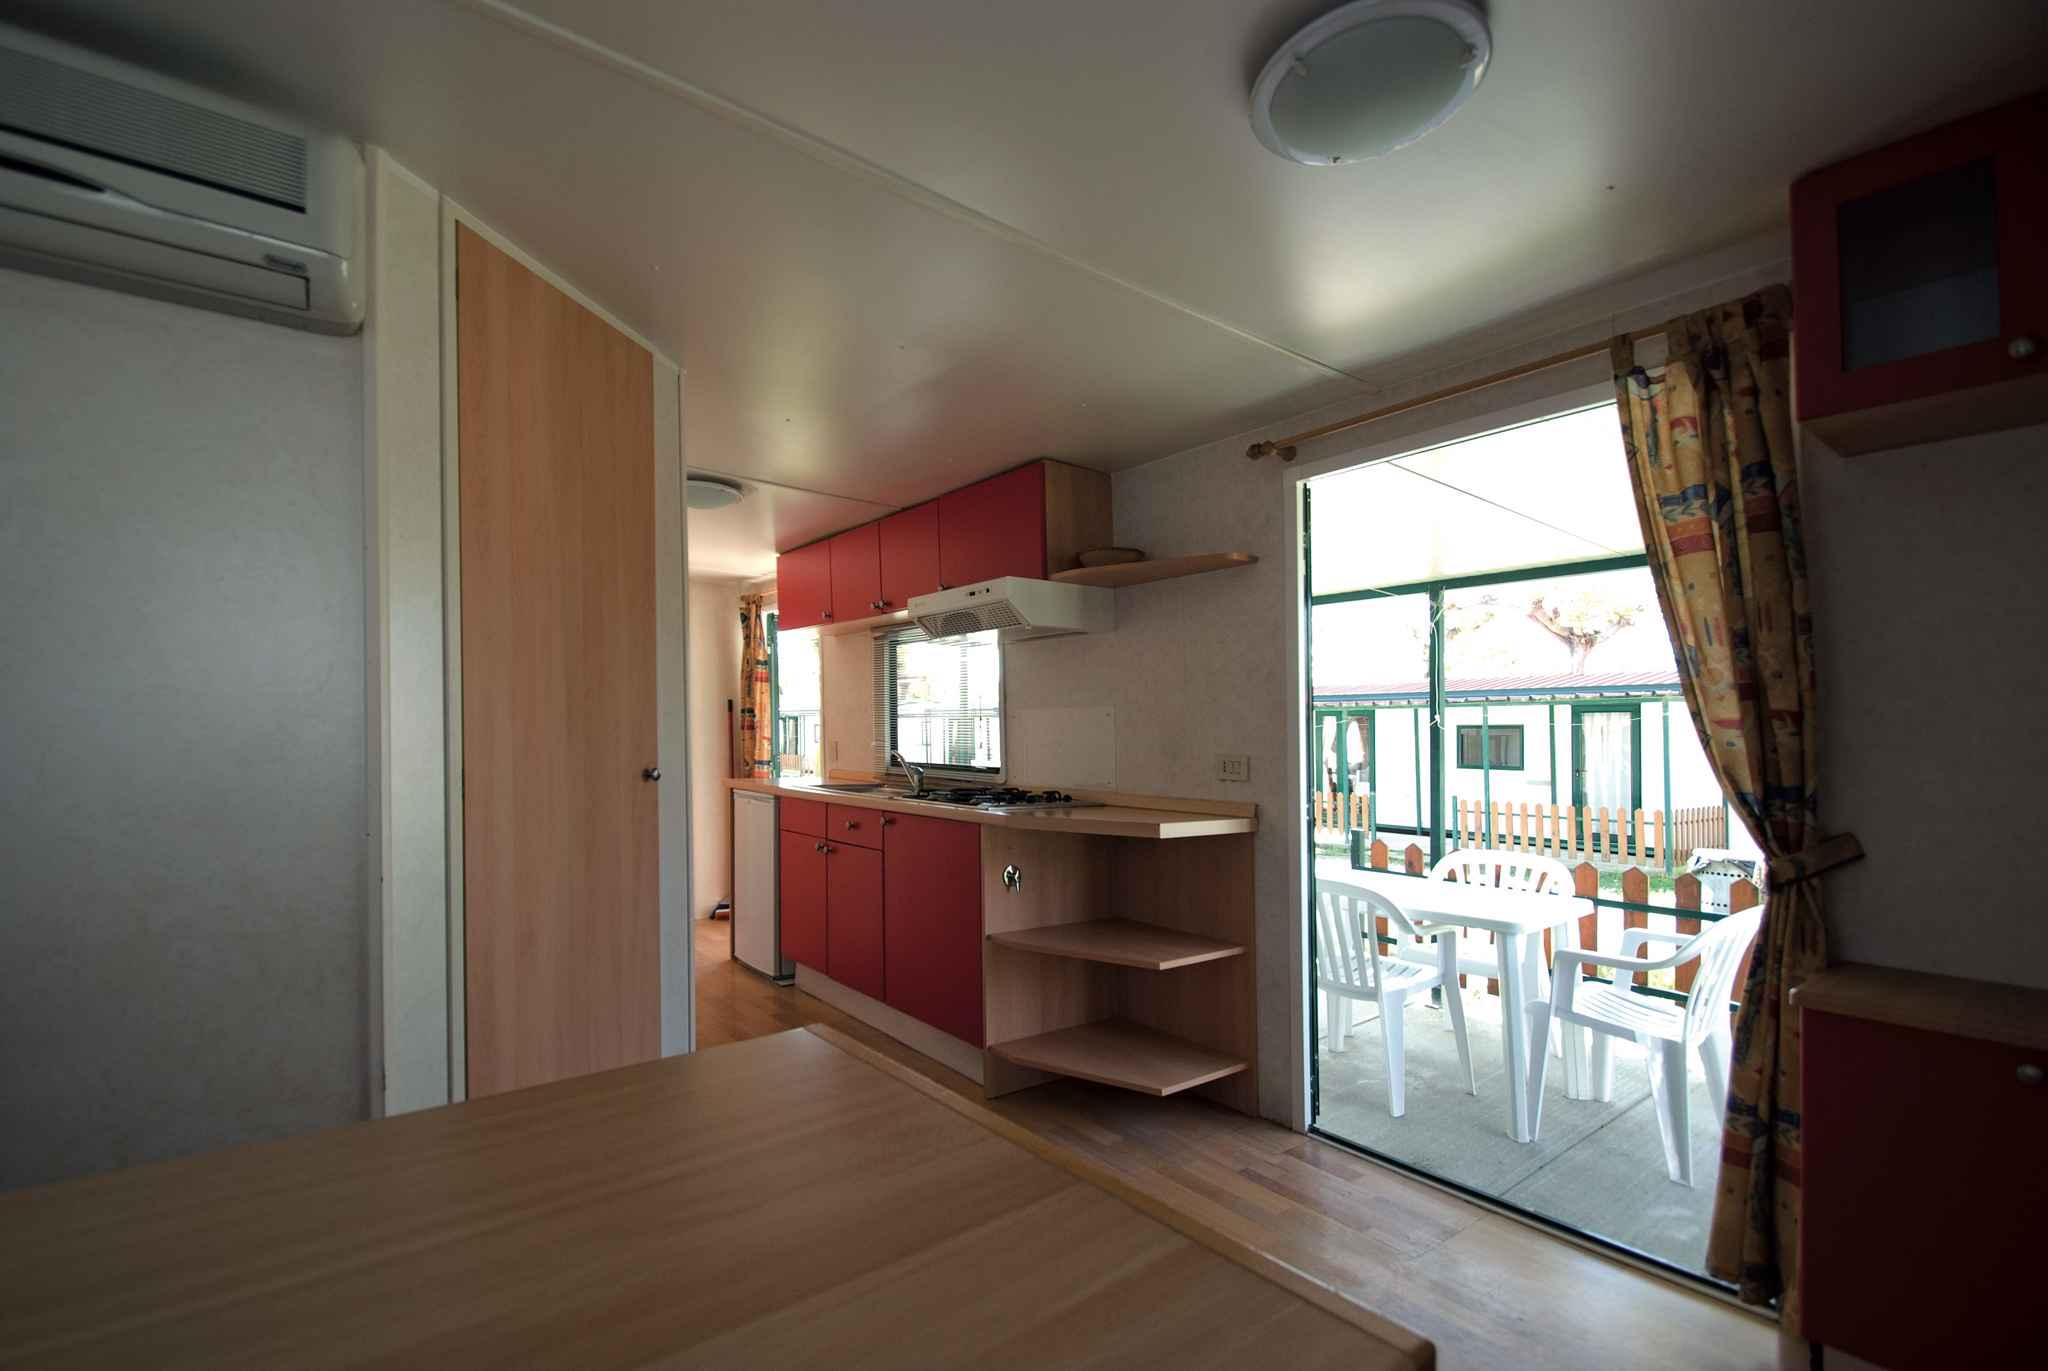 Holiday apartment Mobilehome Camping Classe (279185), Lido di Dante, Adriatic coast (Emilia-Romagna), Emilia-Romagna, Italy, picture 23